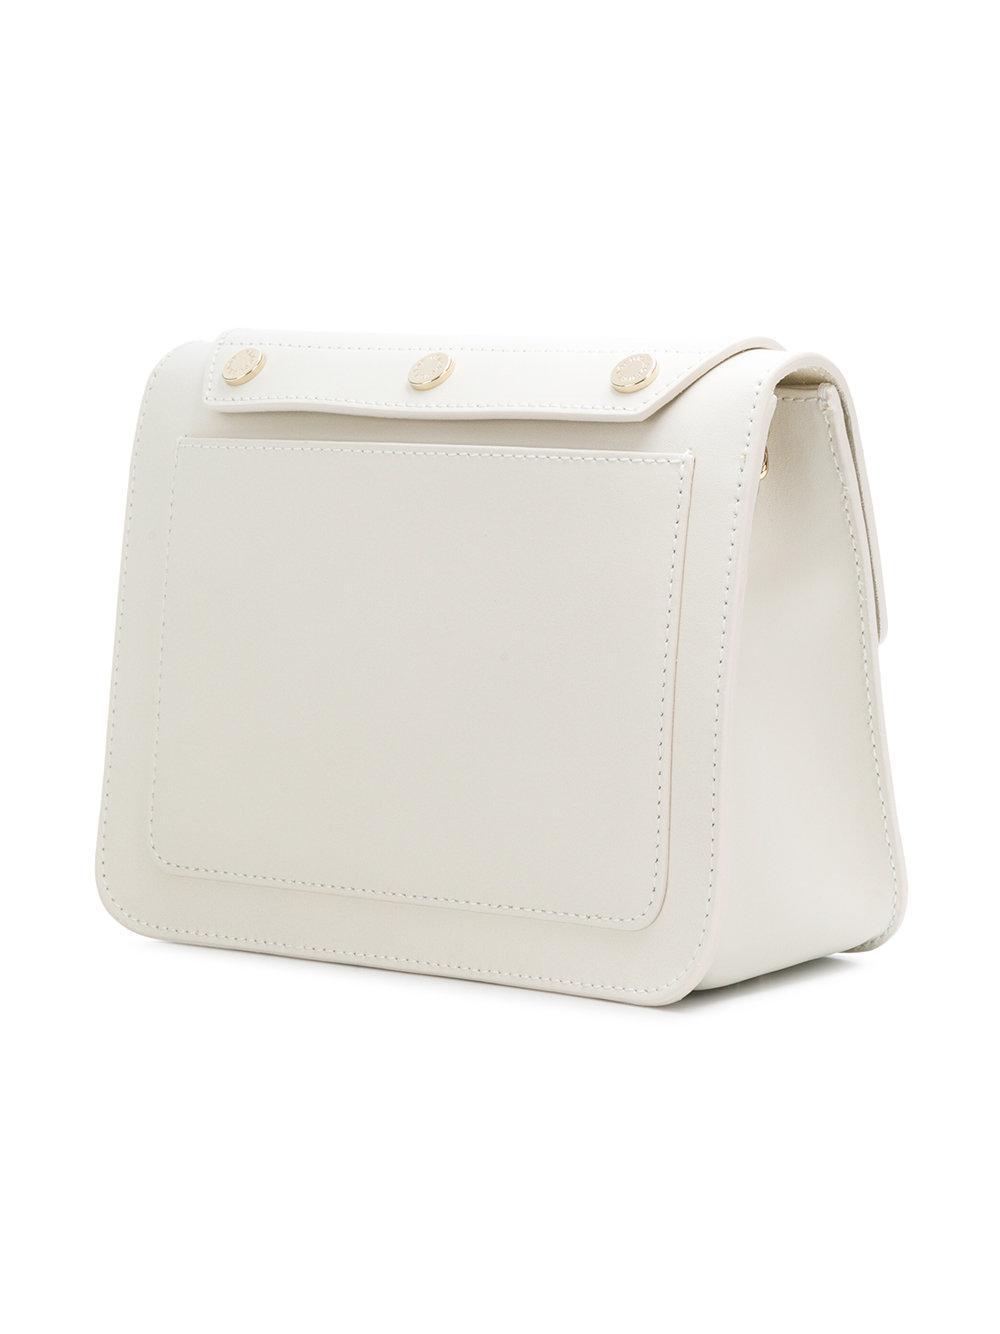 9885b738b8d47 Lyst - Furla Metropolis Magia Crossbody Bag in White